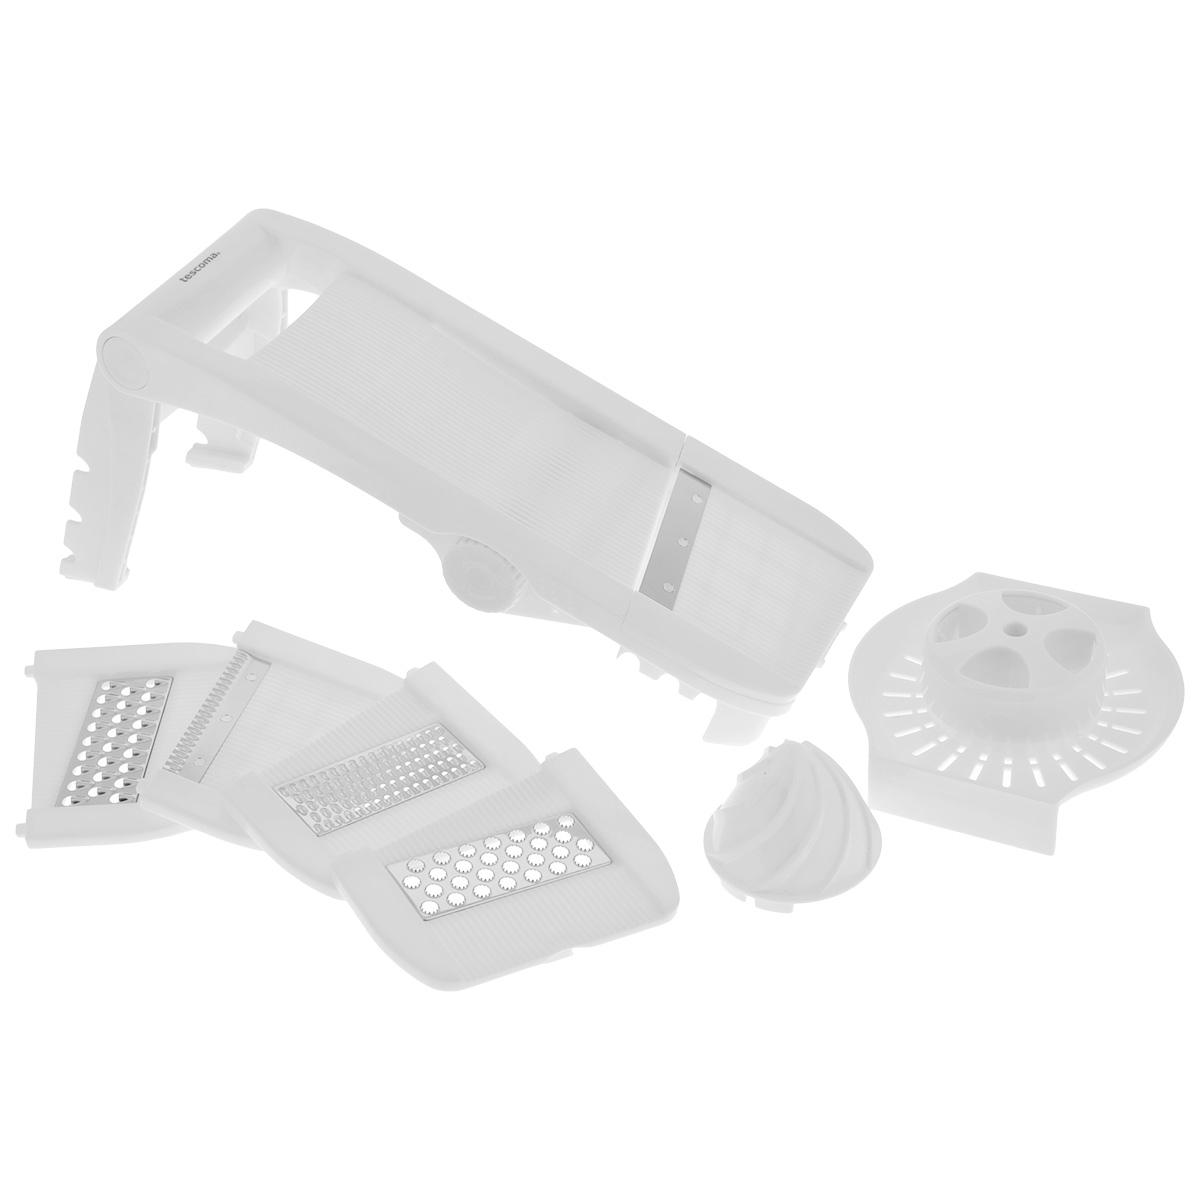 Мульти-терка Tescoma Мандолина, цвет: белый643862Мульти-терка Tescoma Мандолина выполнена из высококачественного пластика. Режущие лезвия насадок из нержавеющей стали обеспечивают эффективную нарезку продуктов. В комплект входят 5 съемных насадок: для фигурной нарезки, мелкой шинковки, крупной шинковки, нарезки твердых продуктов (твердого сыра, шоколада), для плоской нарезки, а также два встроенных лезвия для нарезки ломтиков картофеля крупного и мелкого размера. Кроме того, в комплекте безопасный держатель для продуктов и массивная ручка для удобного пользования.Терка снабжена выдвижными ножками с силиконовыми антискользящими вставками для комфортной работы.Можно мыть в посудомоечной машине.Размер терки в сложенном виде: 34 см х 12,5 см х 6,5 см.Размер терки с выдвинутыми ножками: 35 см х 12,5 х 16,5 см.Размер насадки: 12,7 см х 11 см х 0,7 см.